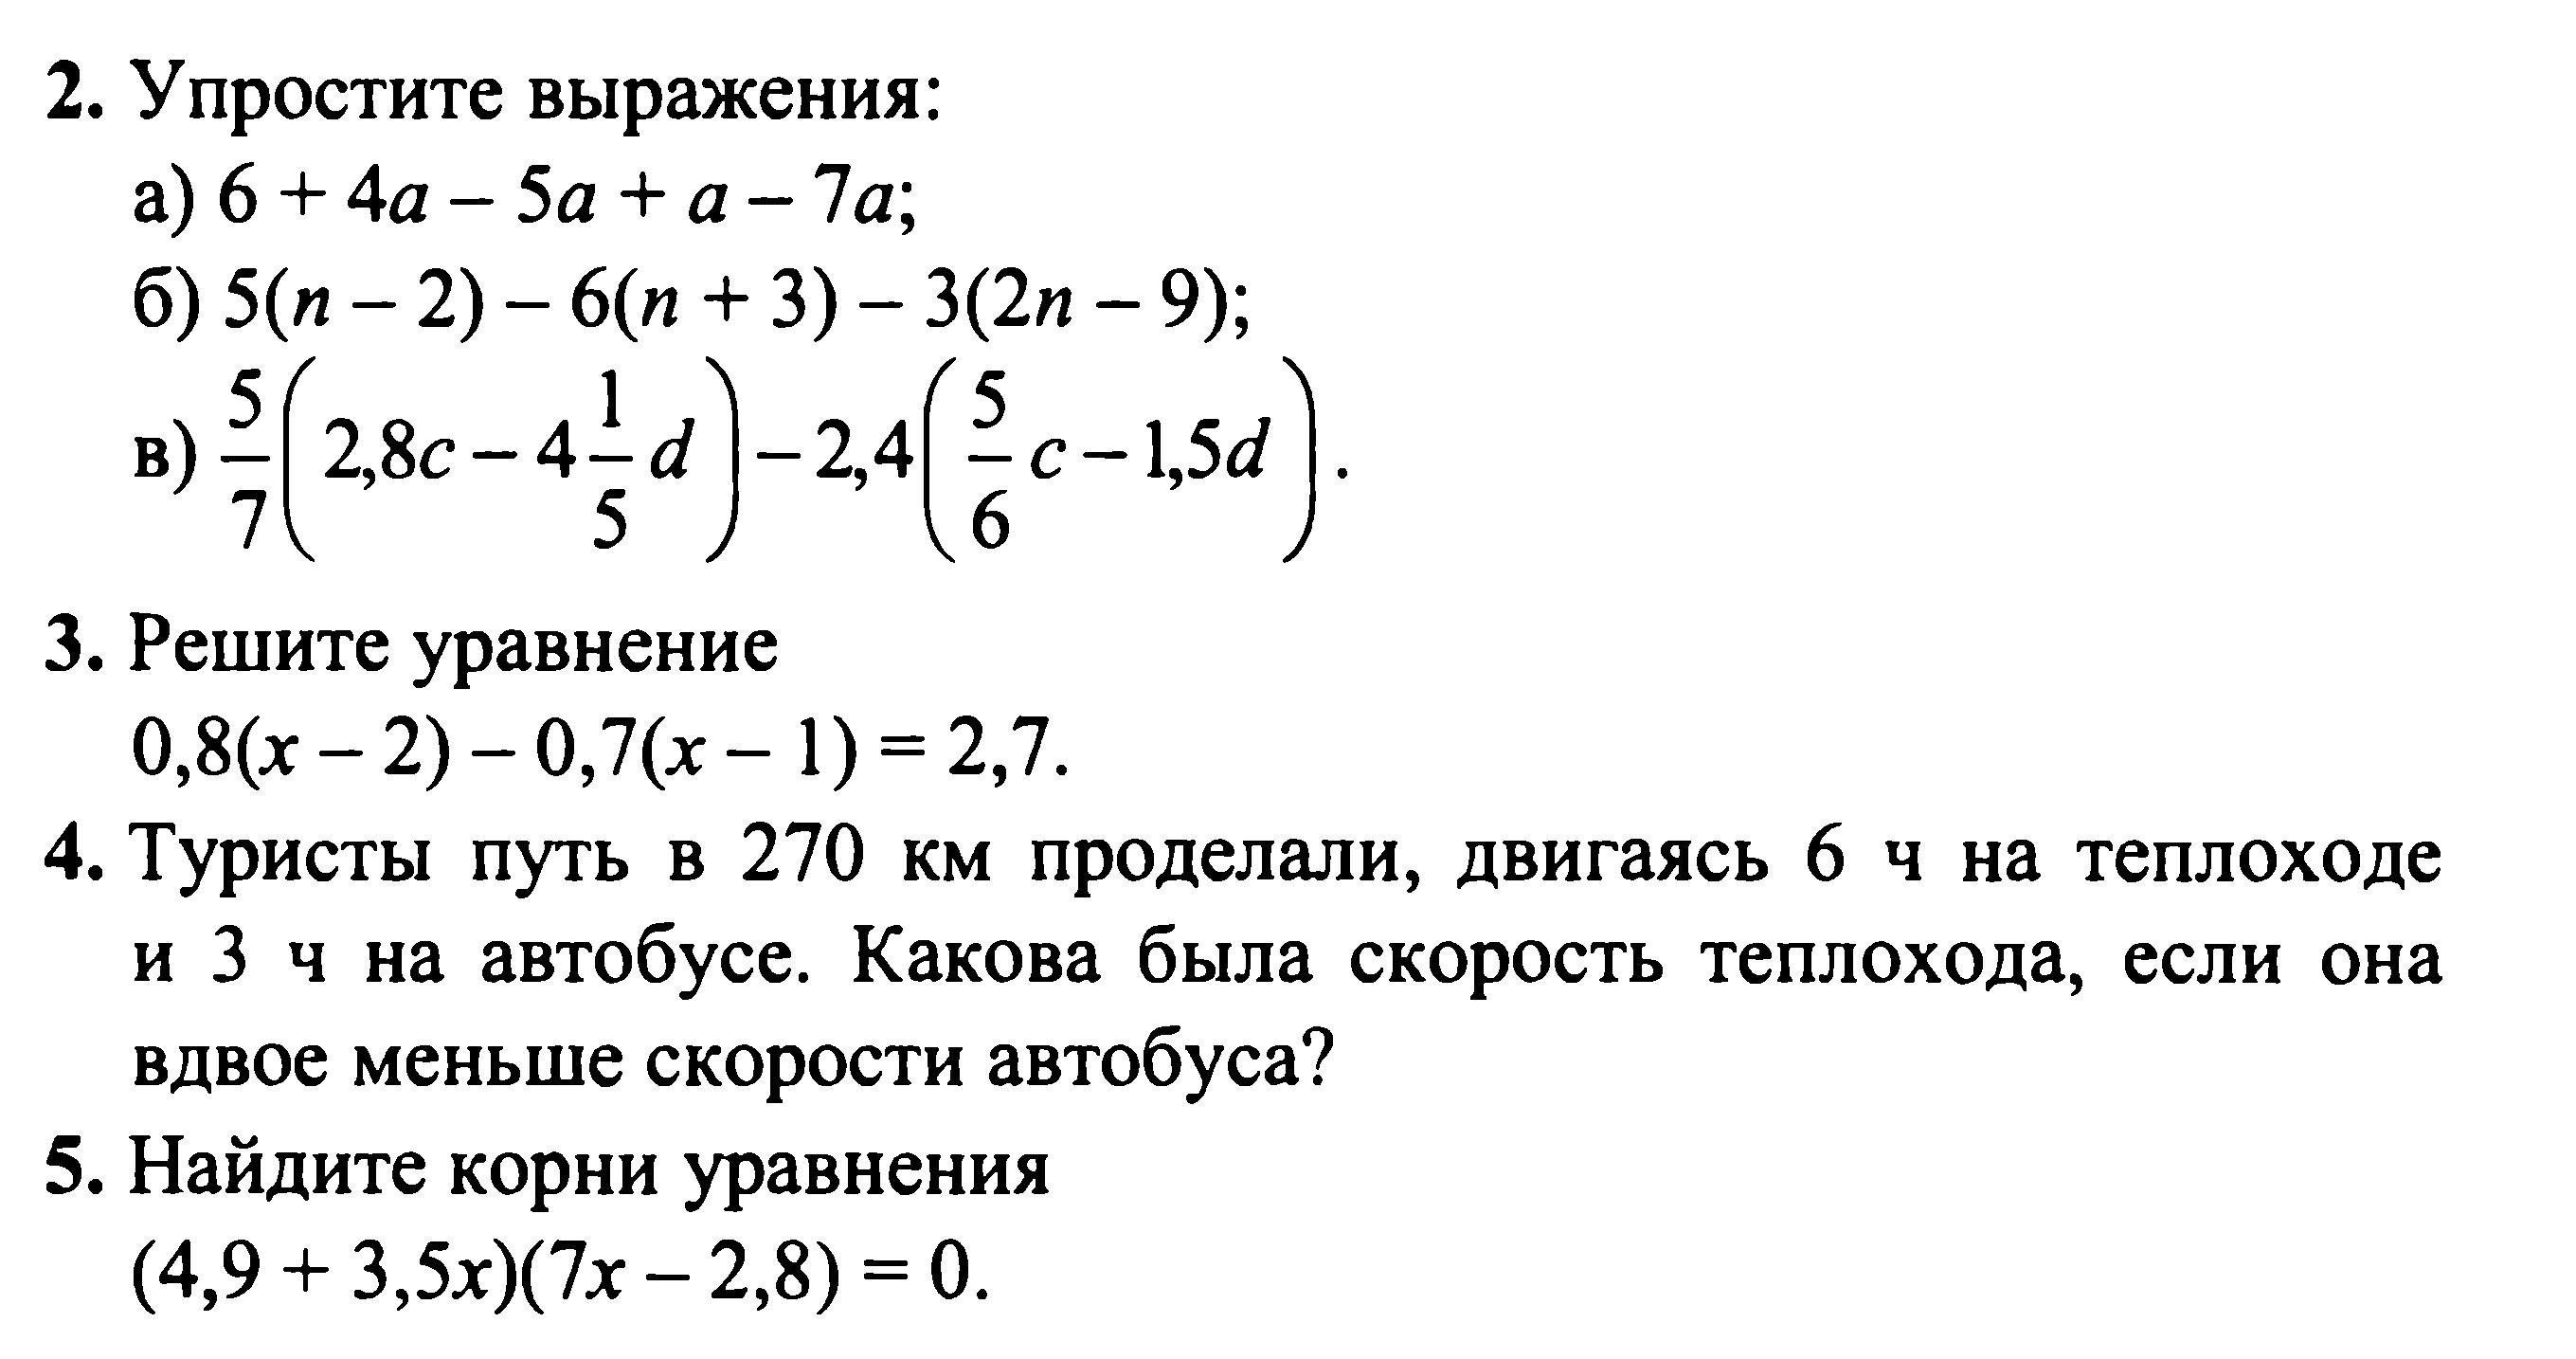 решебник контрольных работ по математике 6 класс уравнения